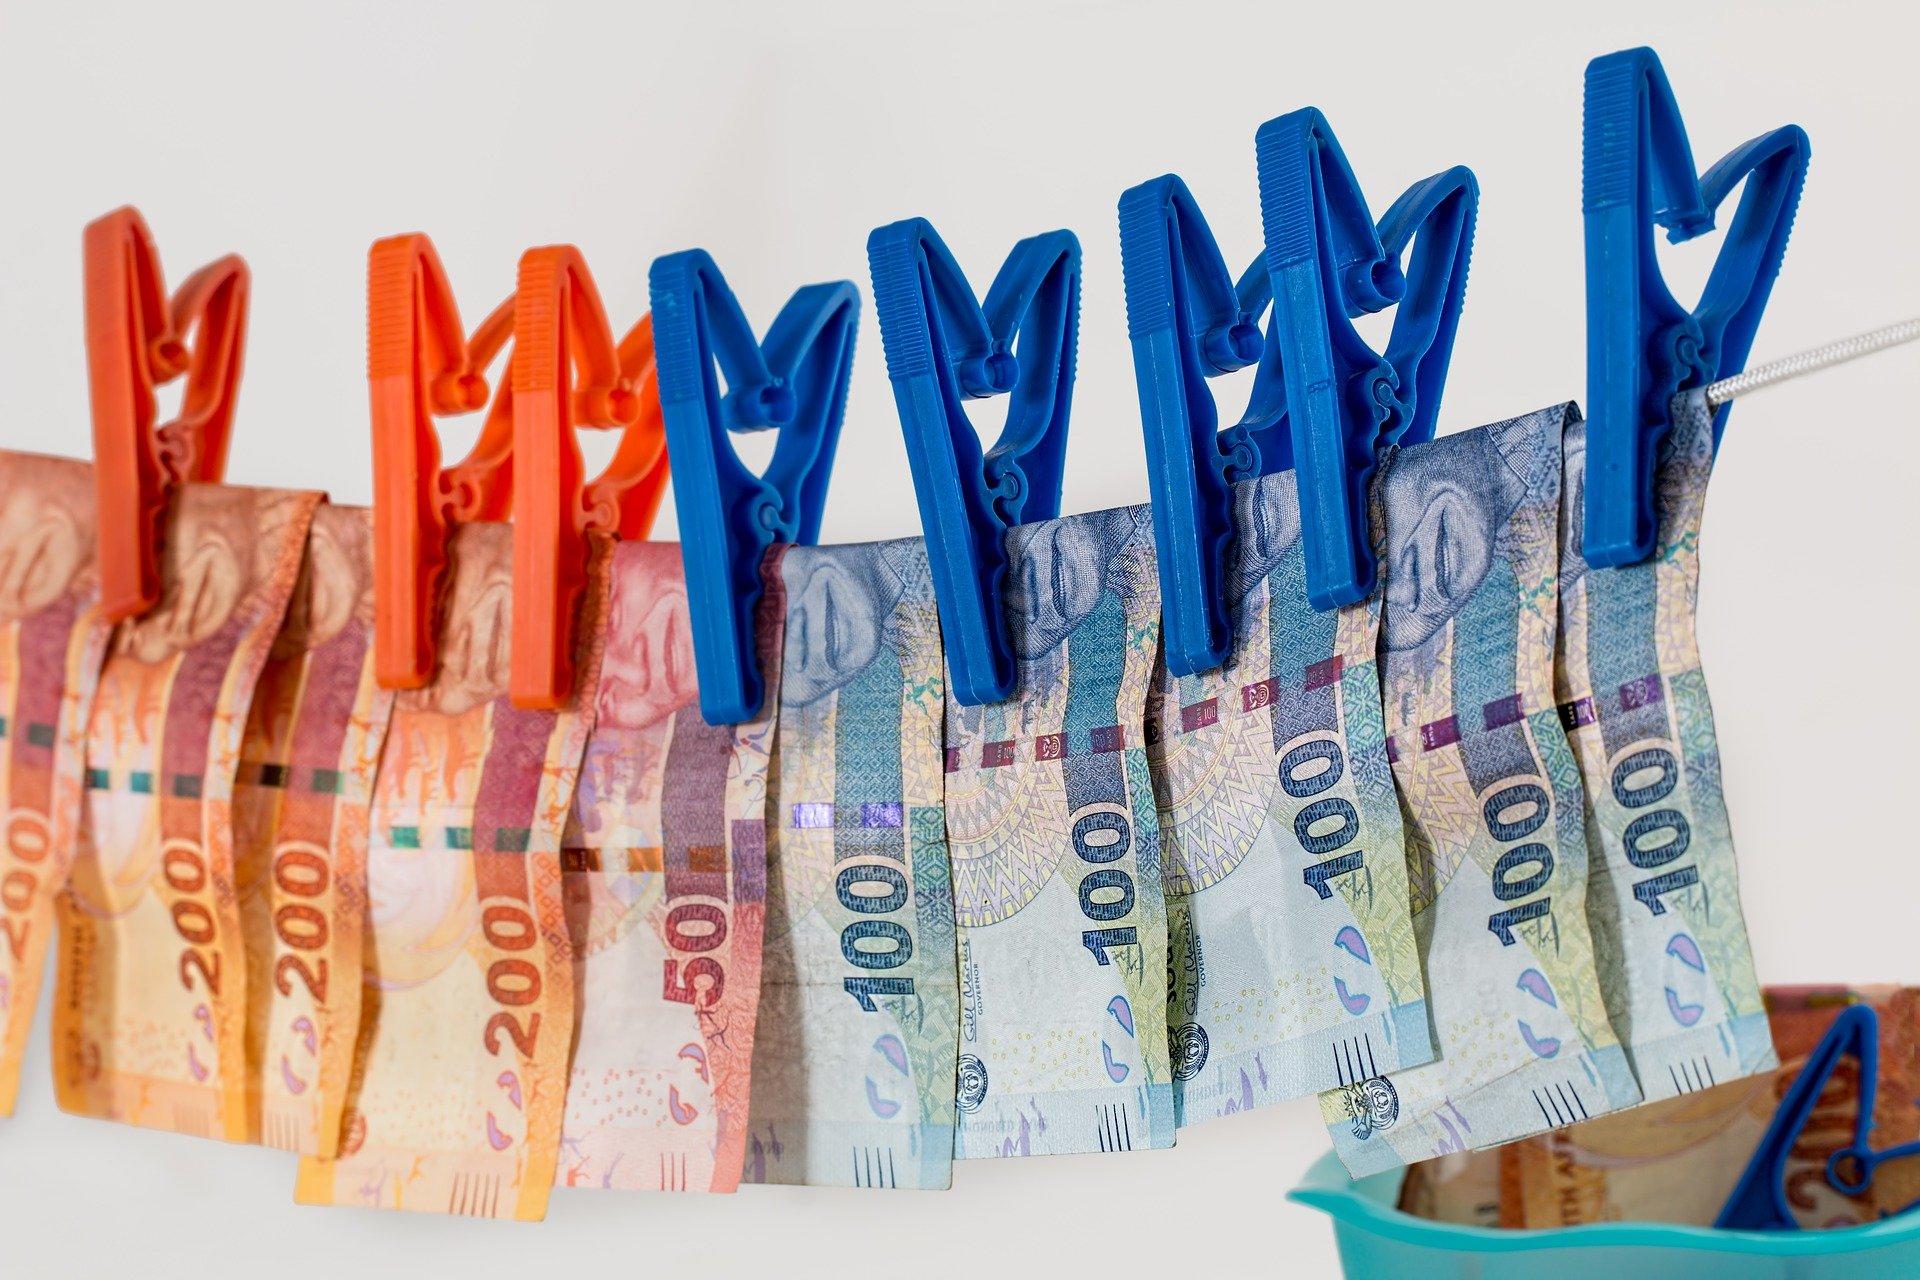 Адвокат по статье 174 УК РФ Легализация (отмывание) денежных средств в Москве и РФ, стоимость услуг адвоката